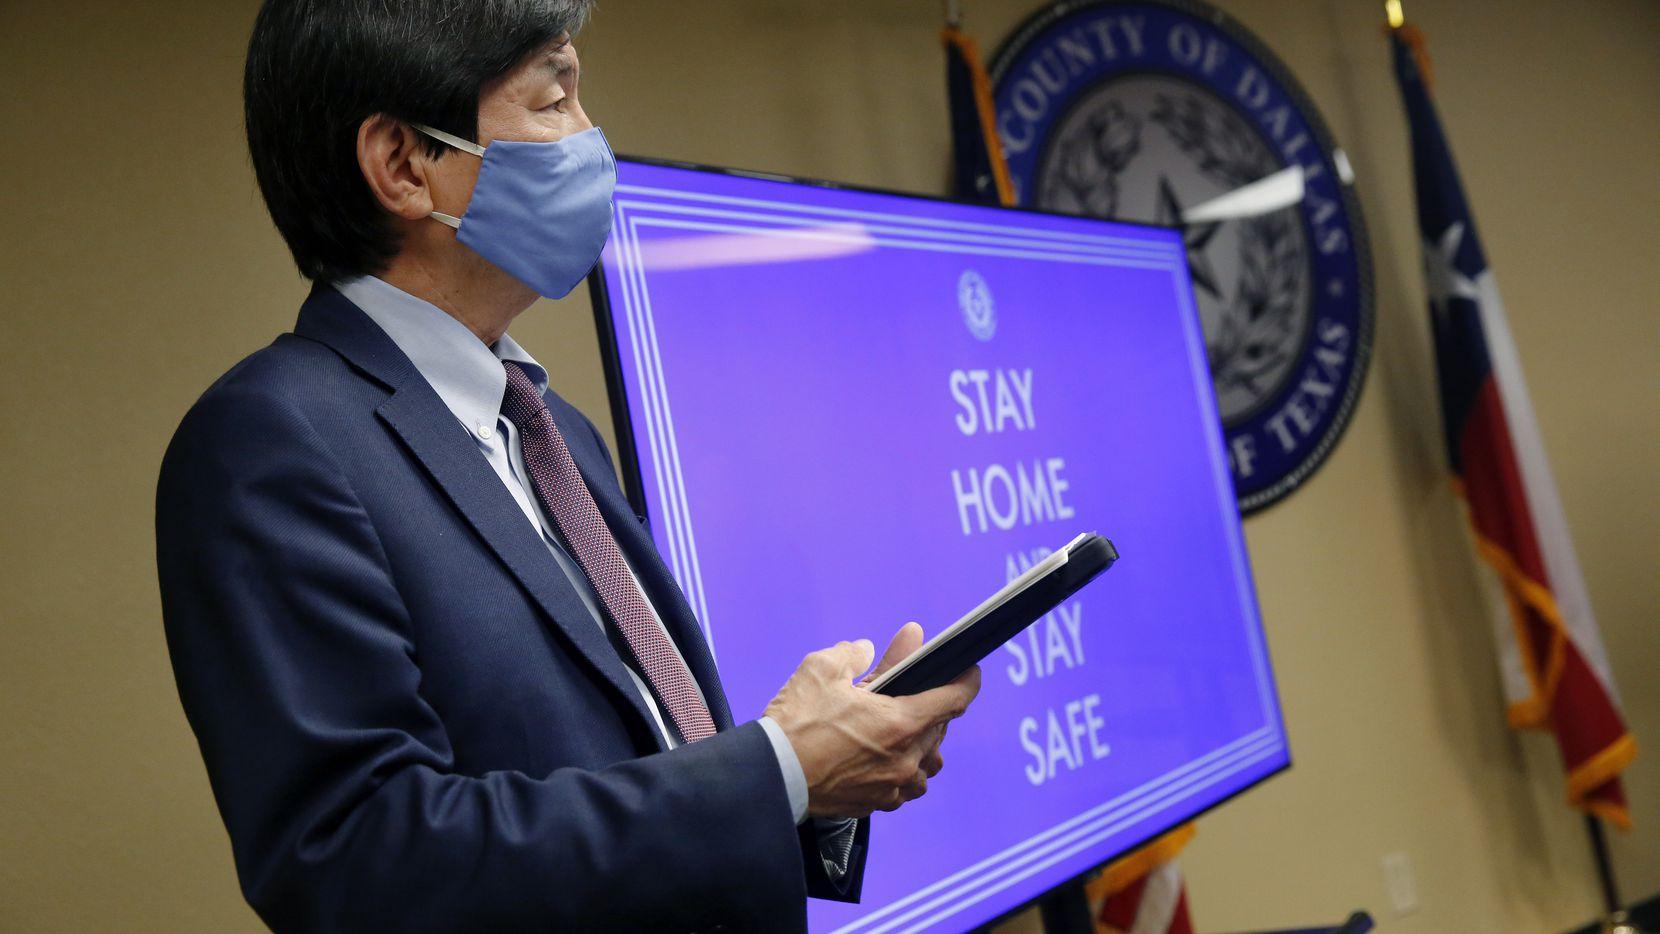 El doctor Philip Huang intervino en la rueda de prensa de presentación del sistema de rastreo de contactos con ayuda tecnológica que utilizarán los DCHHS.